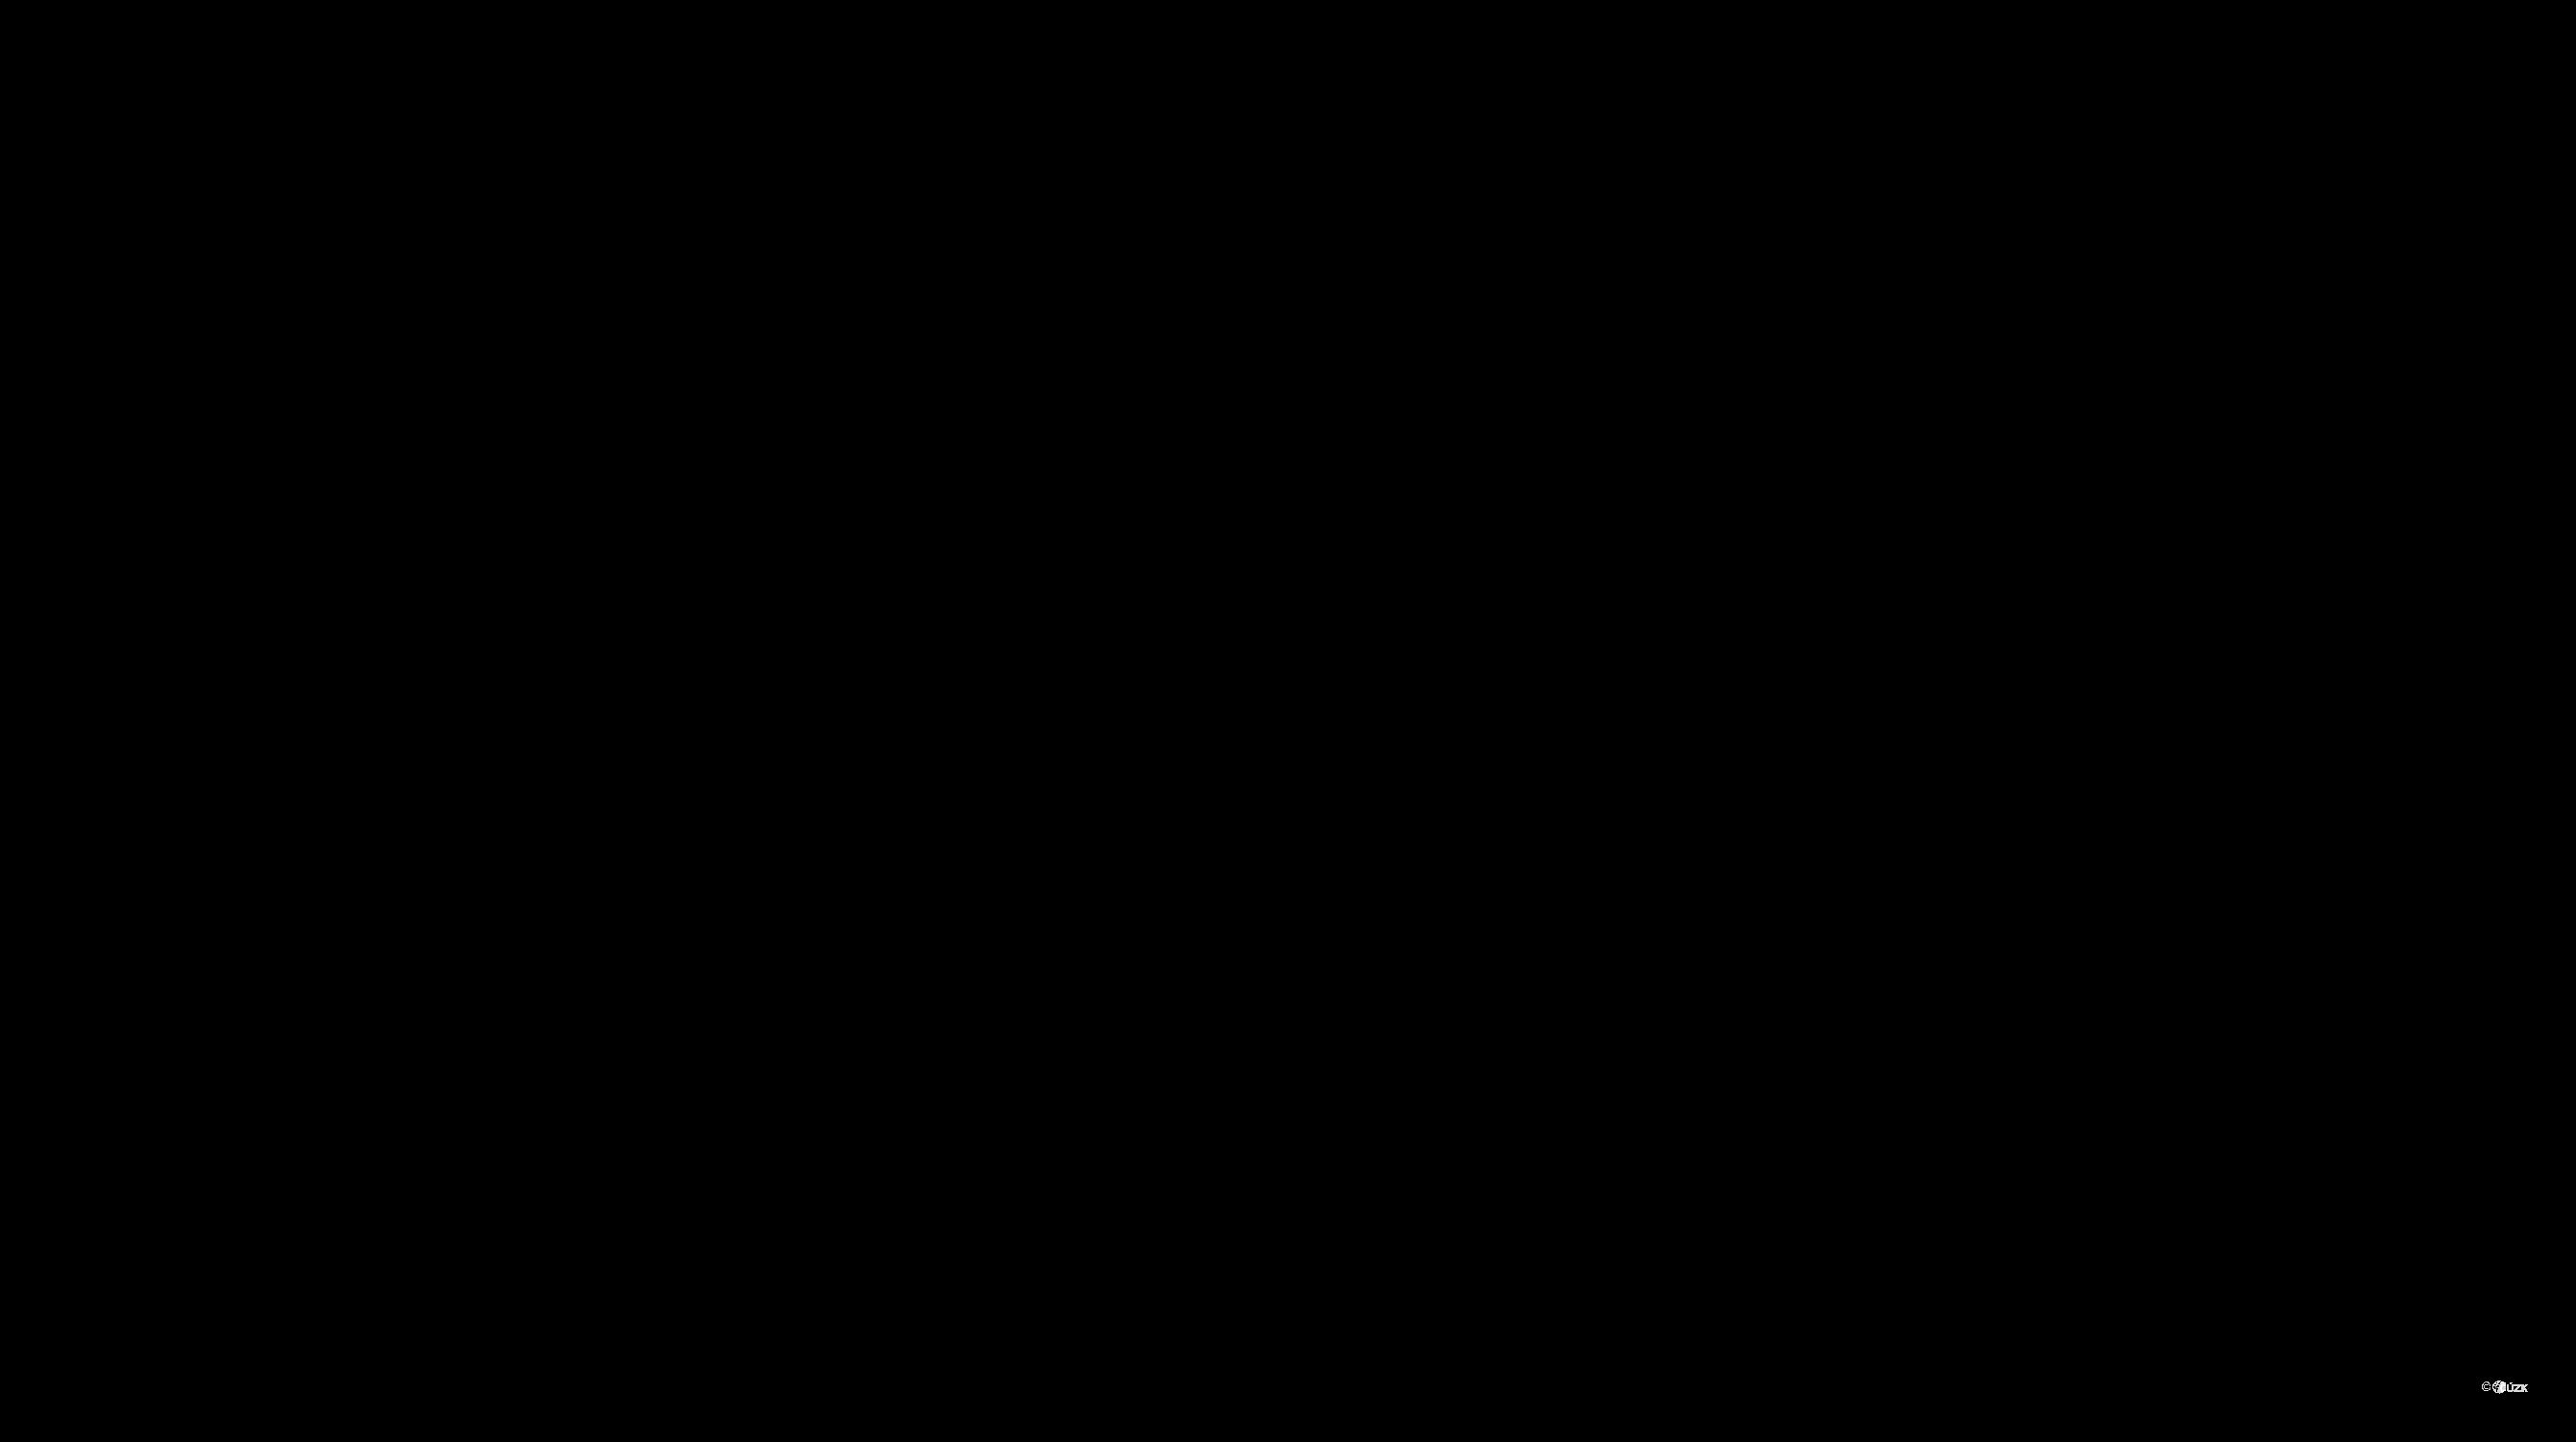 Katastrální mapa pozemků a čísla parcel Okna v Podbezdězí